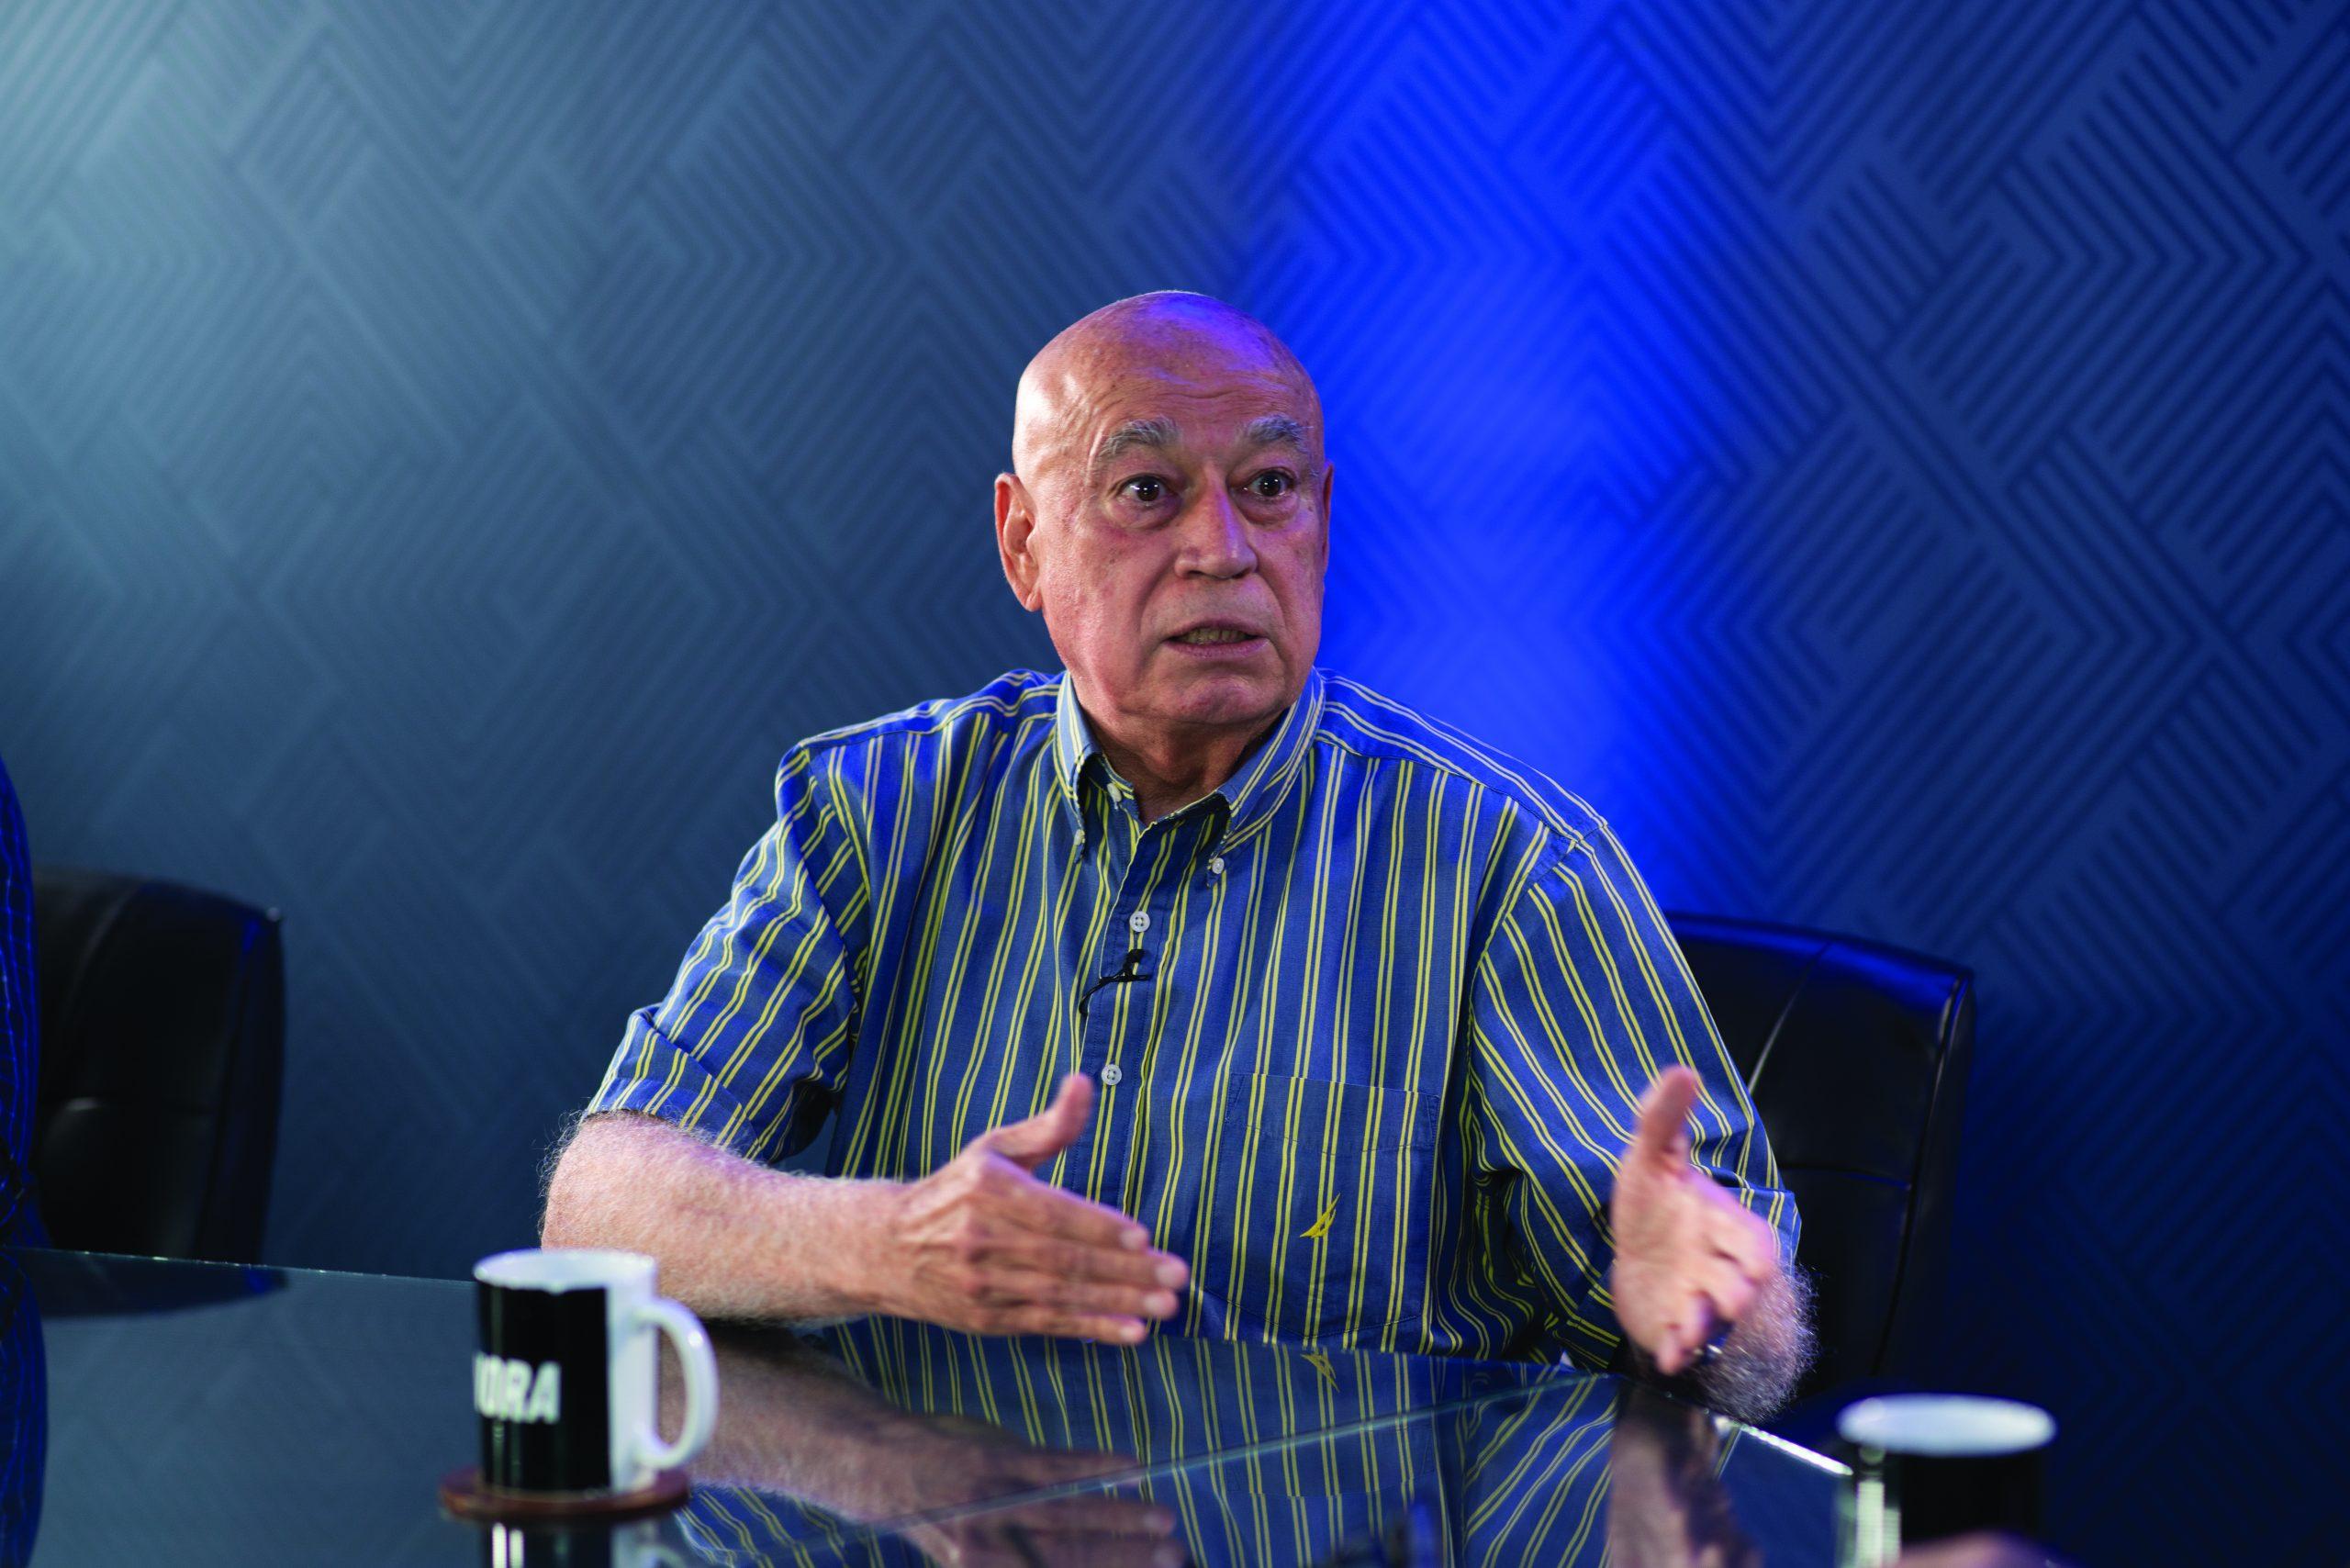 El magnetismo electoral de Ernesto Gándara estádefiniendo la elección: Dr. Rubén Aguilar